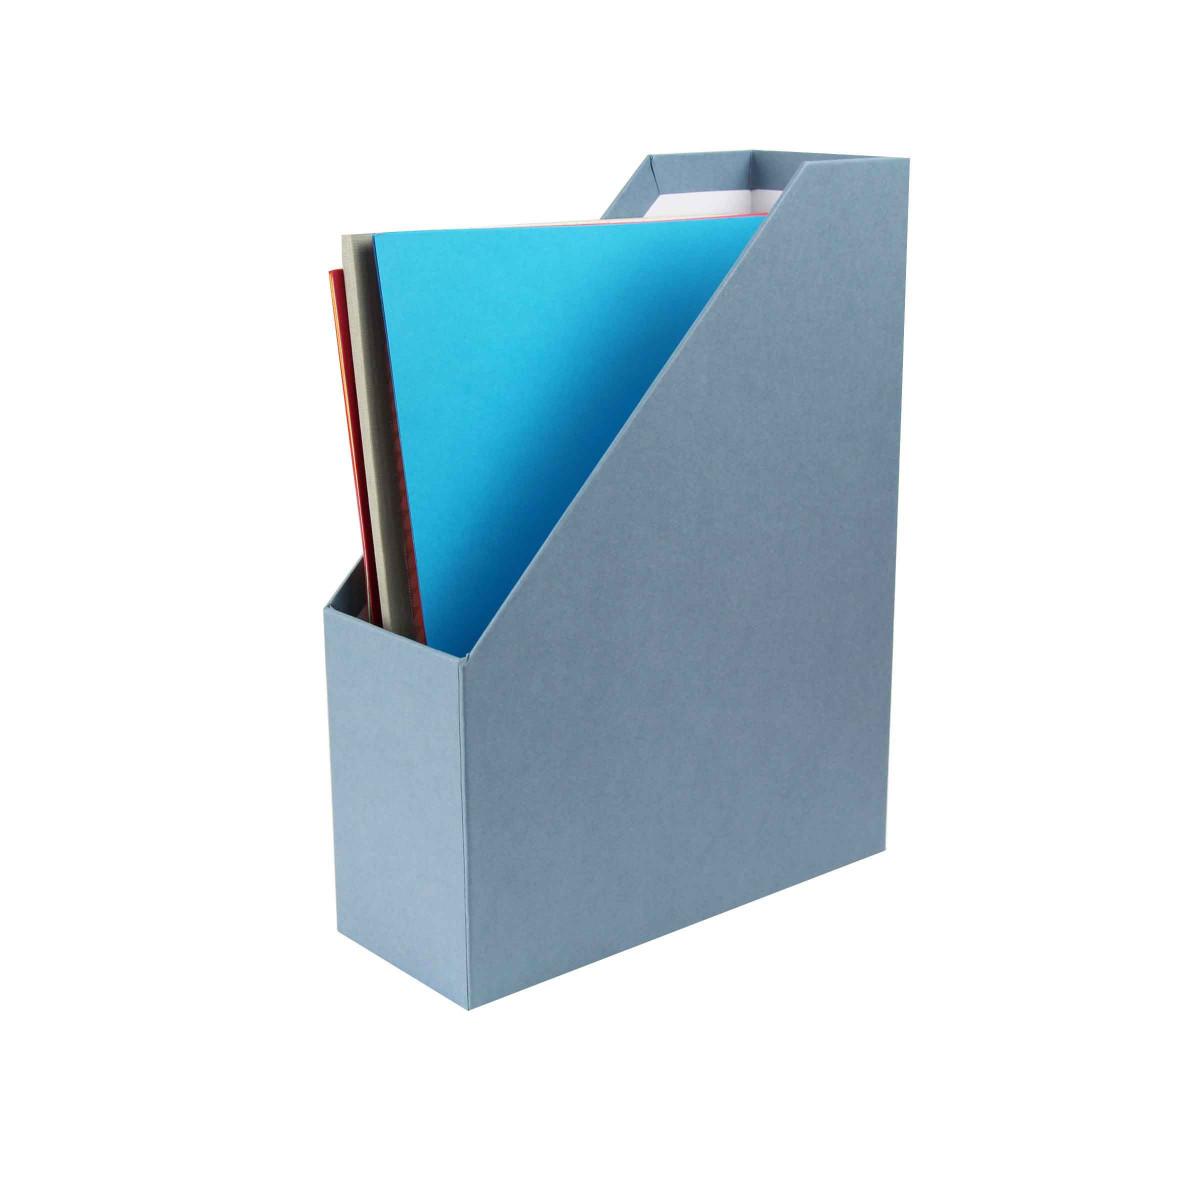 Rangement vertical pour dossies - Bleu gris